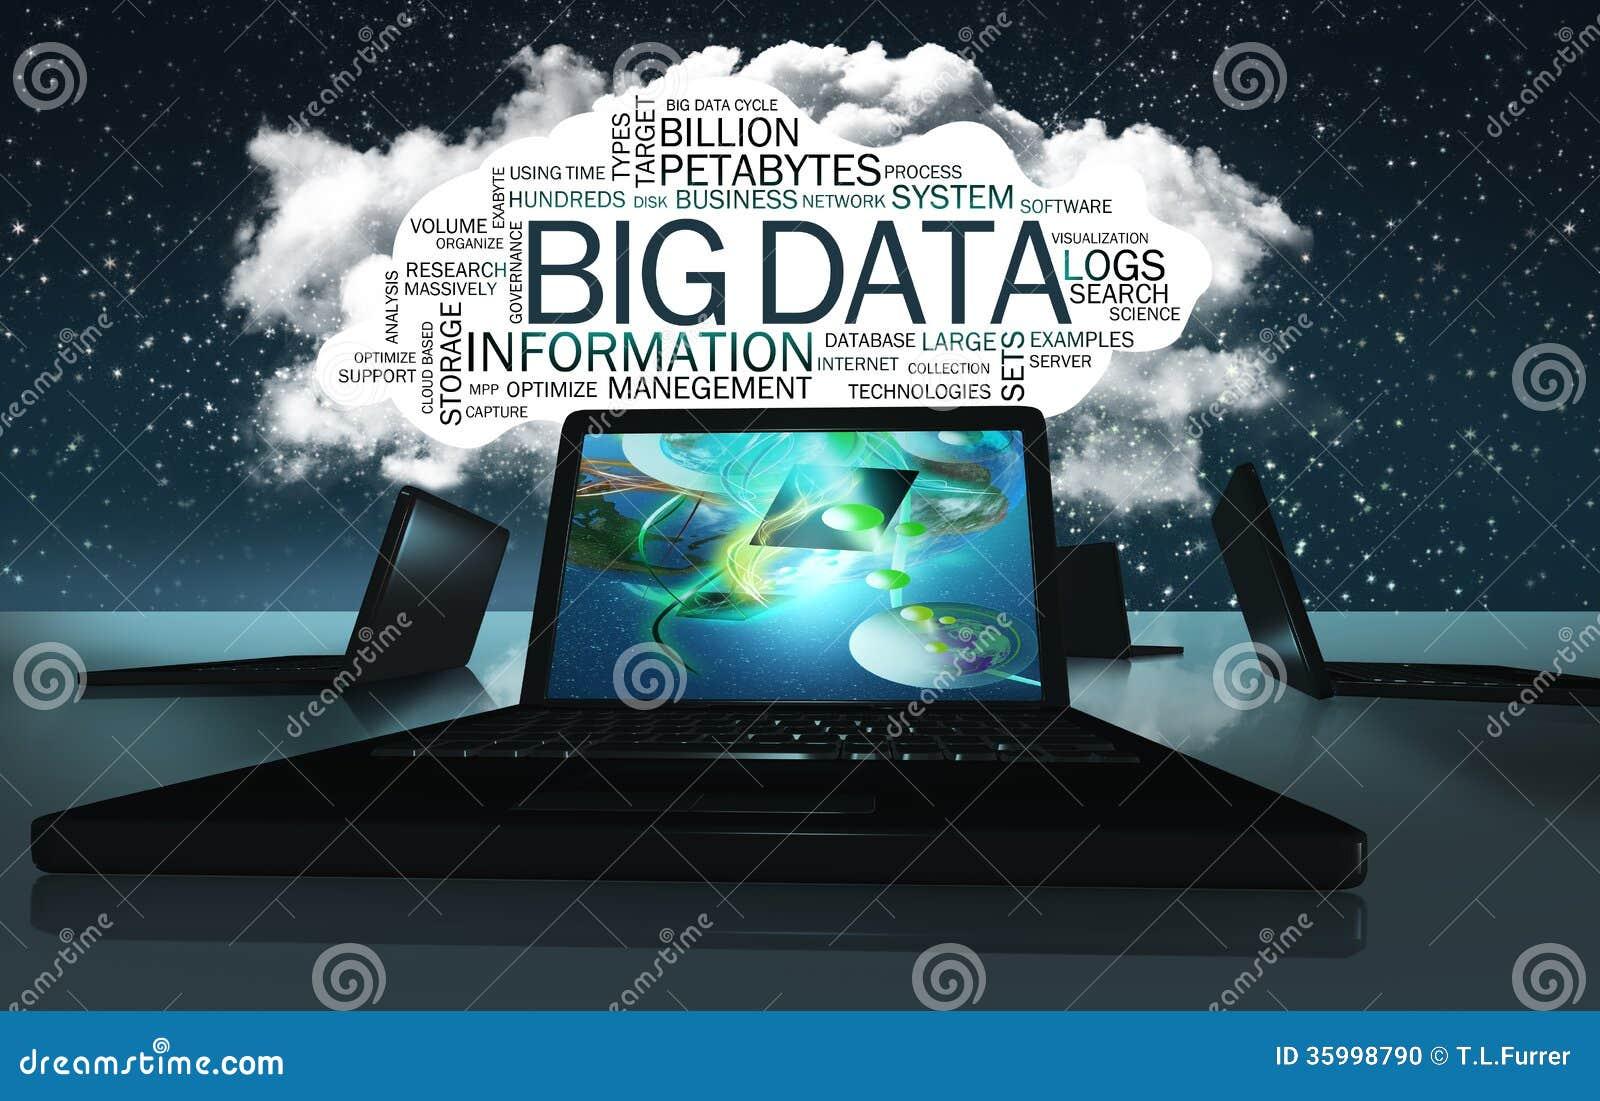 与大数据的期限的词云彩